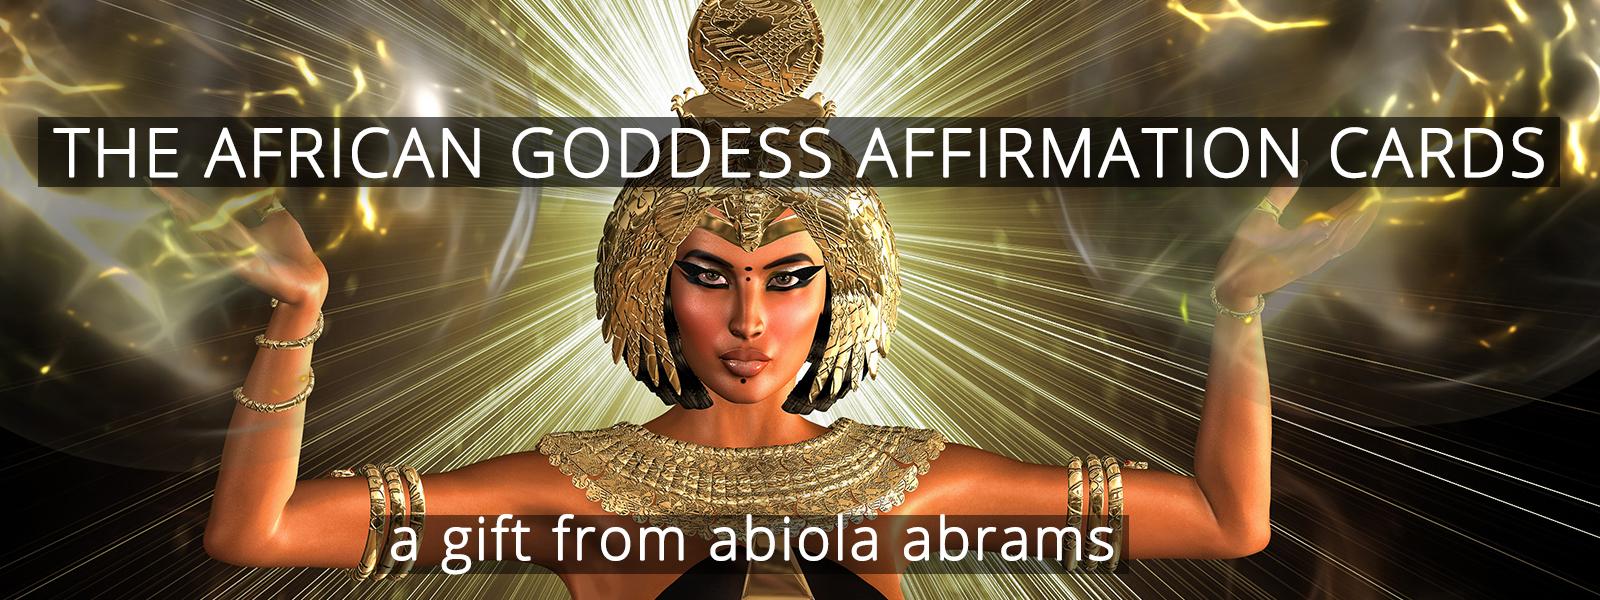 African Goddess Affirmation Cards Backdrop